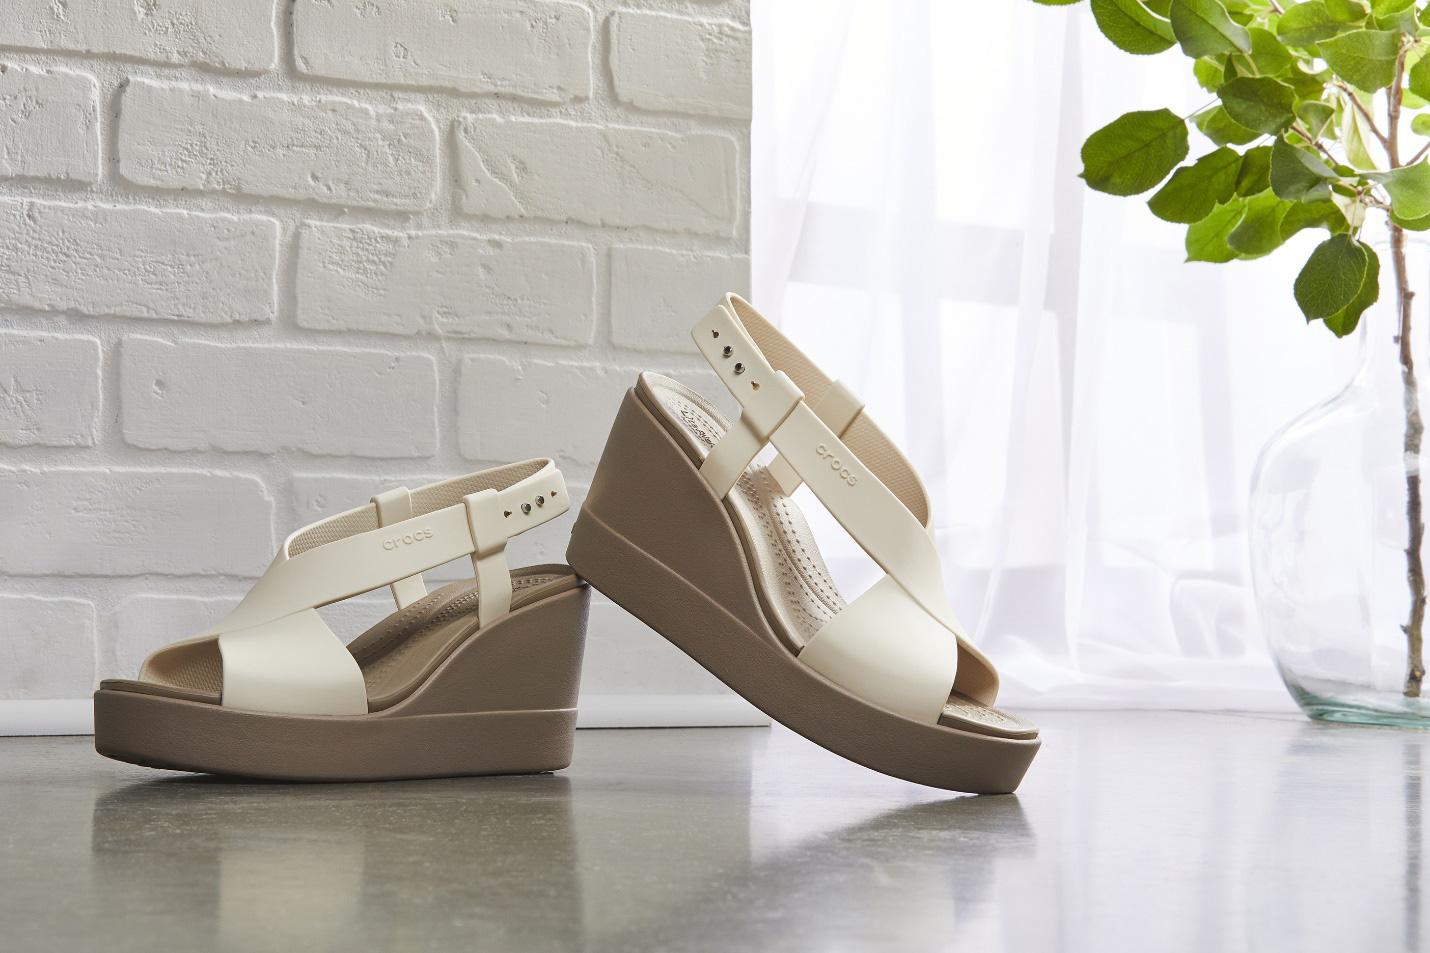 Ơn giời, đôi giày đáng mong đợi nhất của phái đẹp đã xuất hiện, cao gót nhưng không đau chân, cá tính và hơn thế nữa - Ảnh 3.